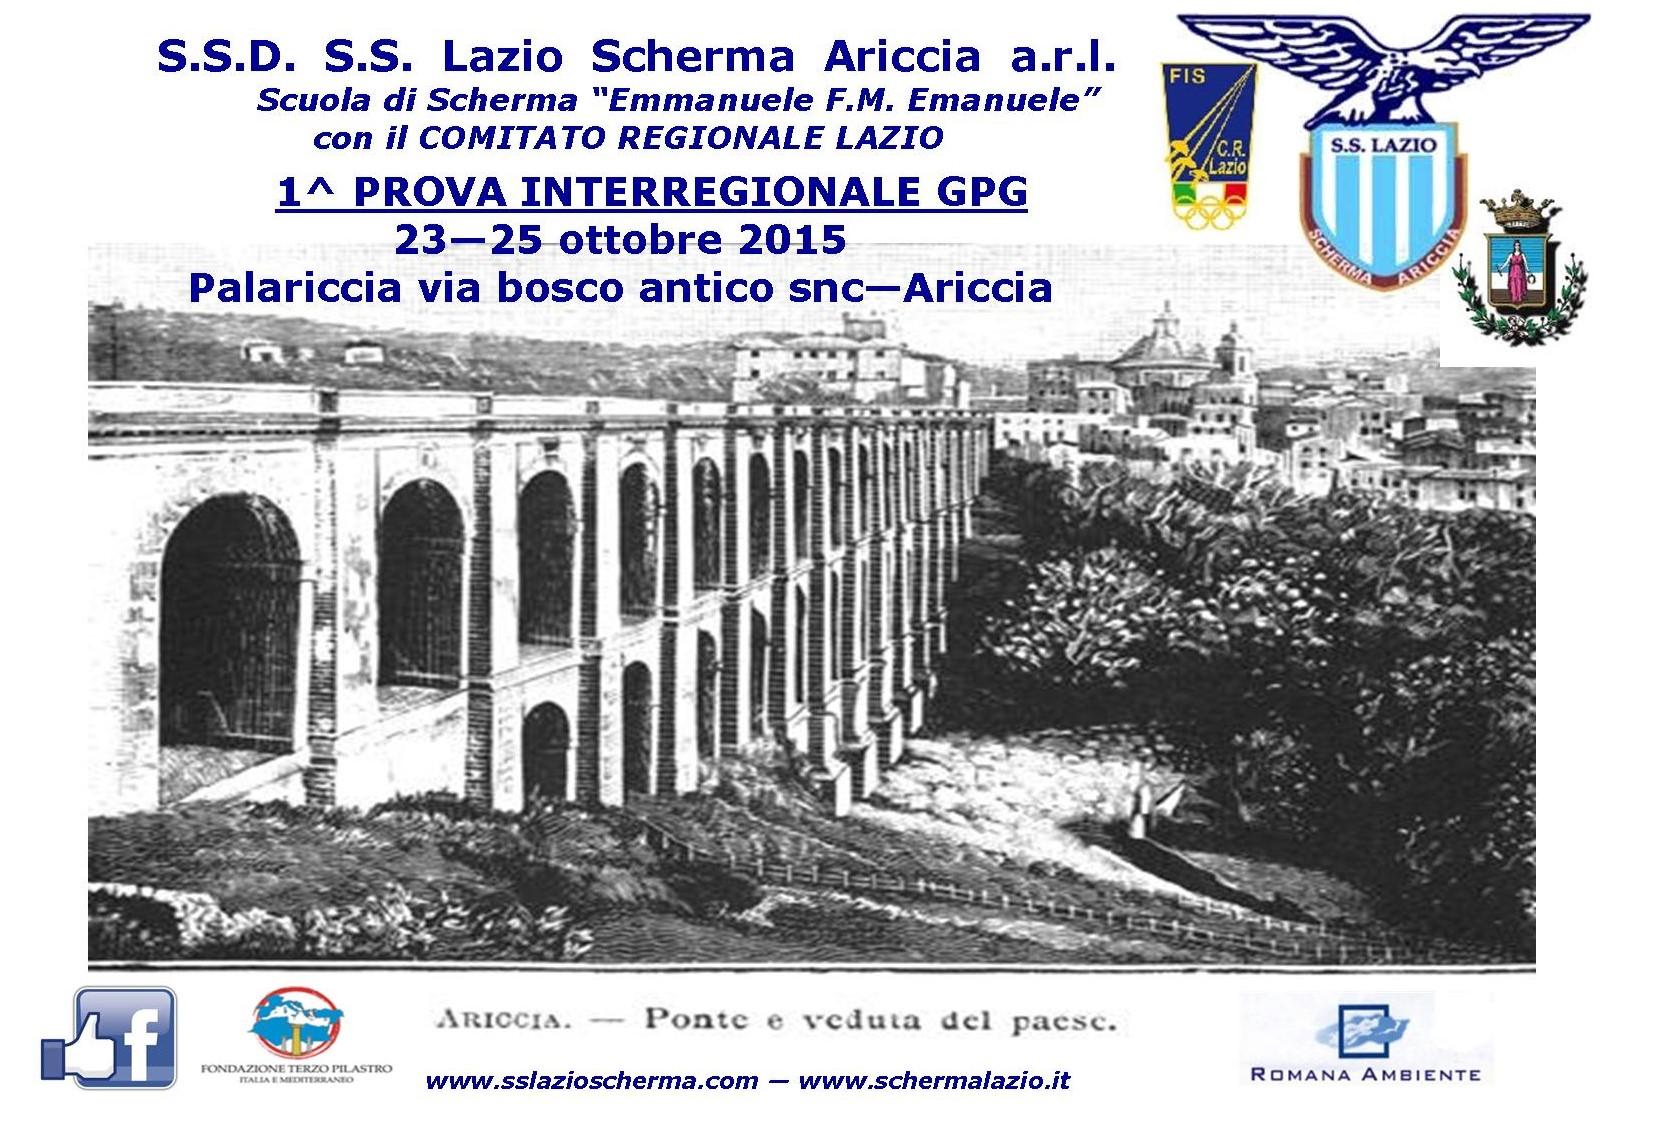 1^ PROVA INTERREGIONALE GPG – ARICCIA 23-25 OTTOBRE 2015